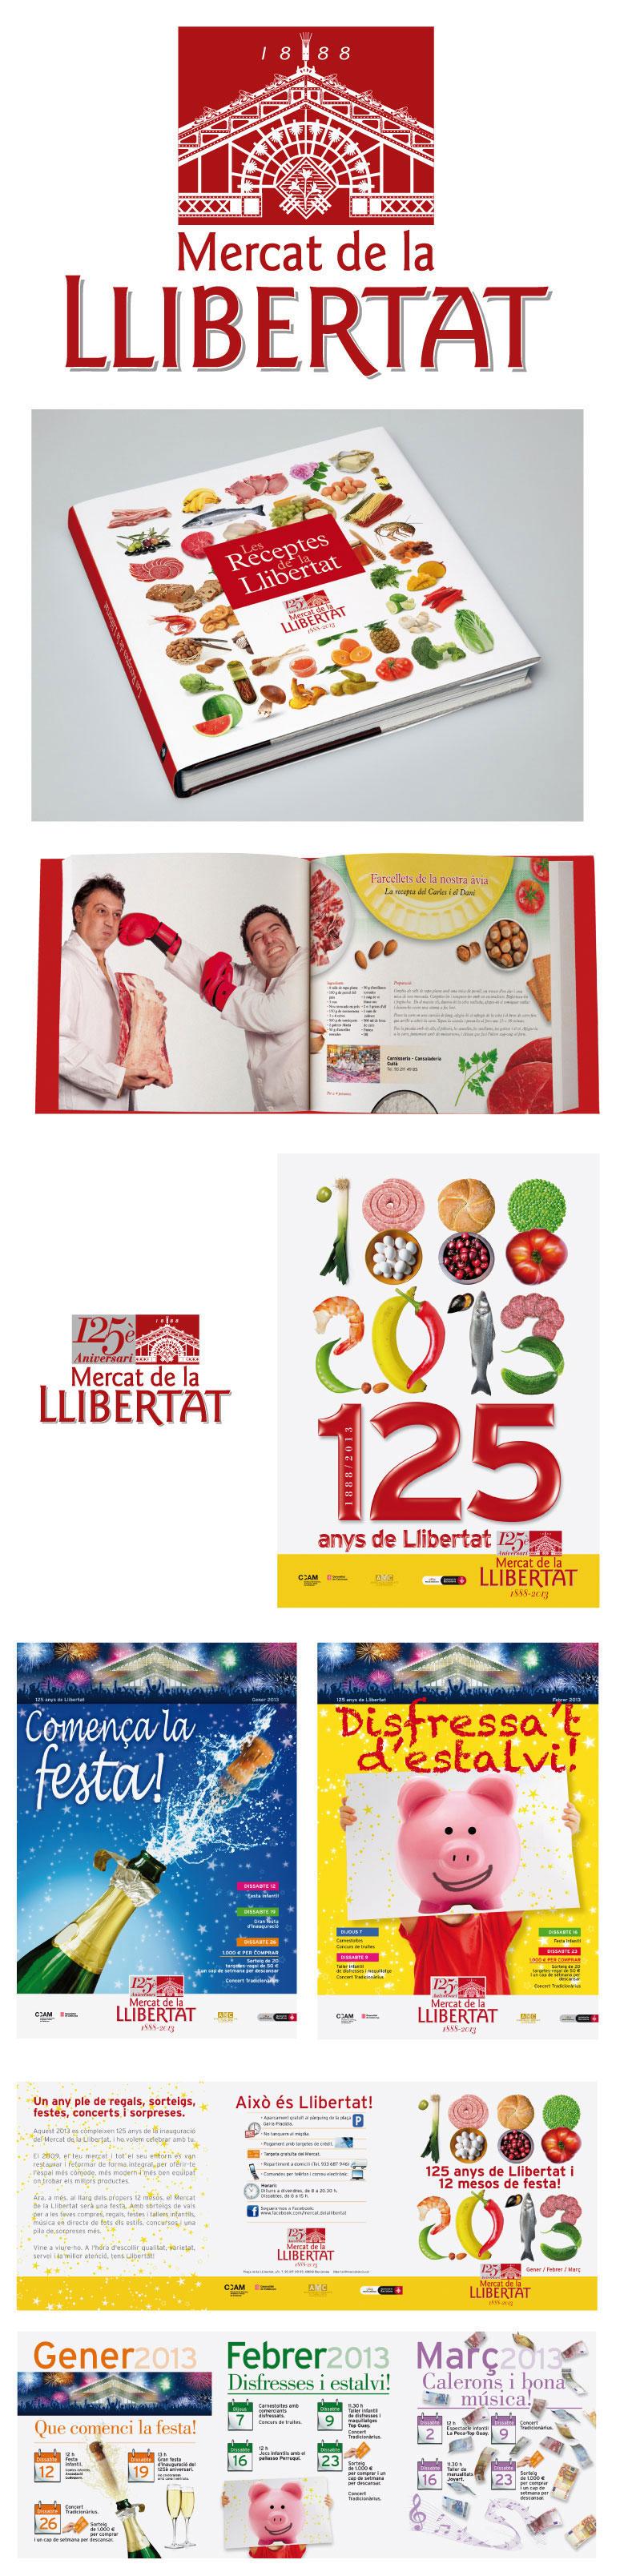 Logotipos y carteles del Mercat de la Llibertat